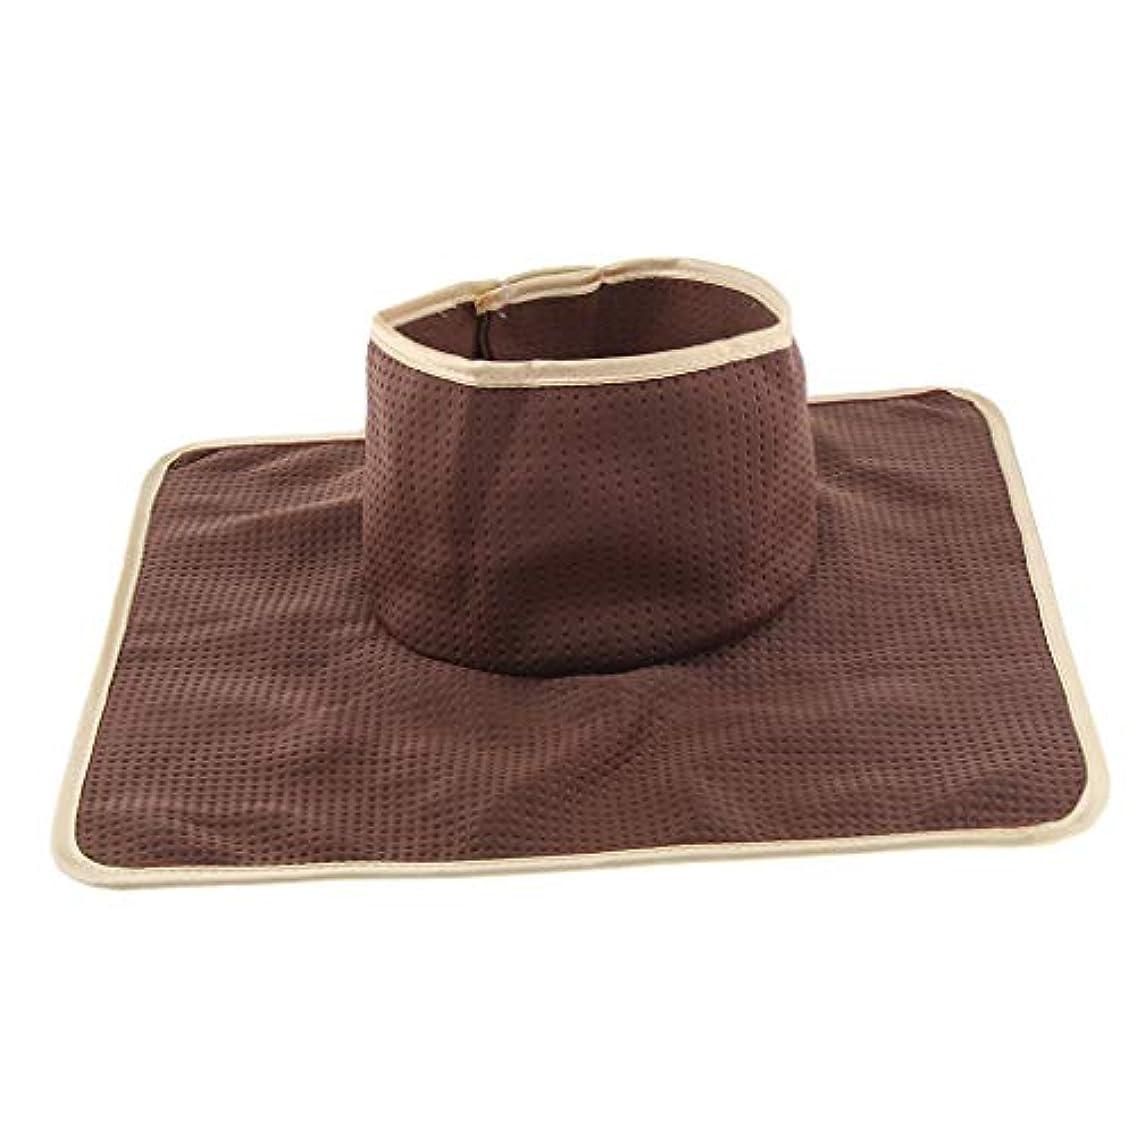 賭けフラッシュのように素早く半ばFLAMEER マッサージベッド サロンテーブル シート パッド 頭の穴 洗濯可能 約35×35cm 全3色 - コーヒー